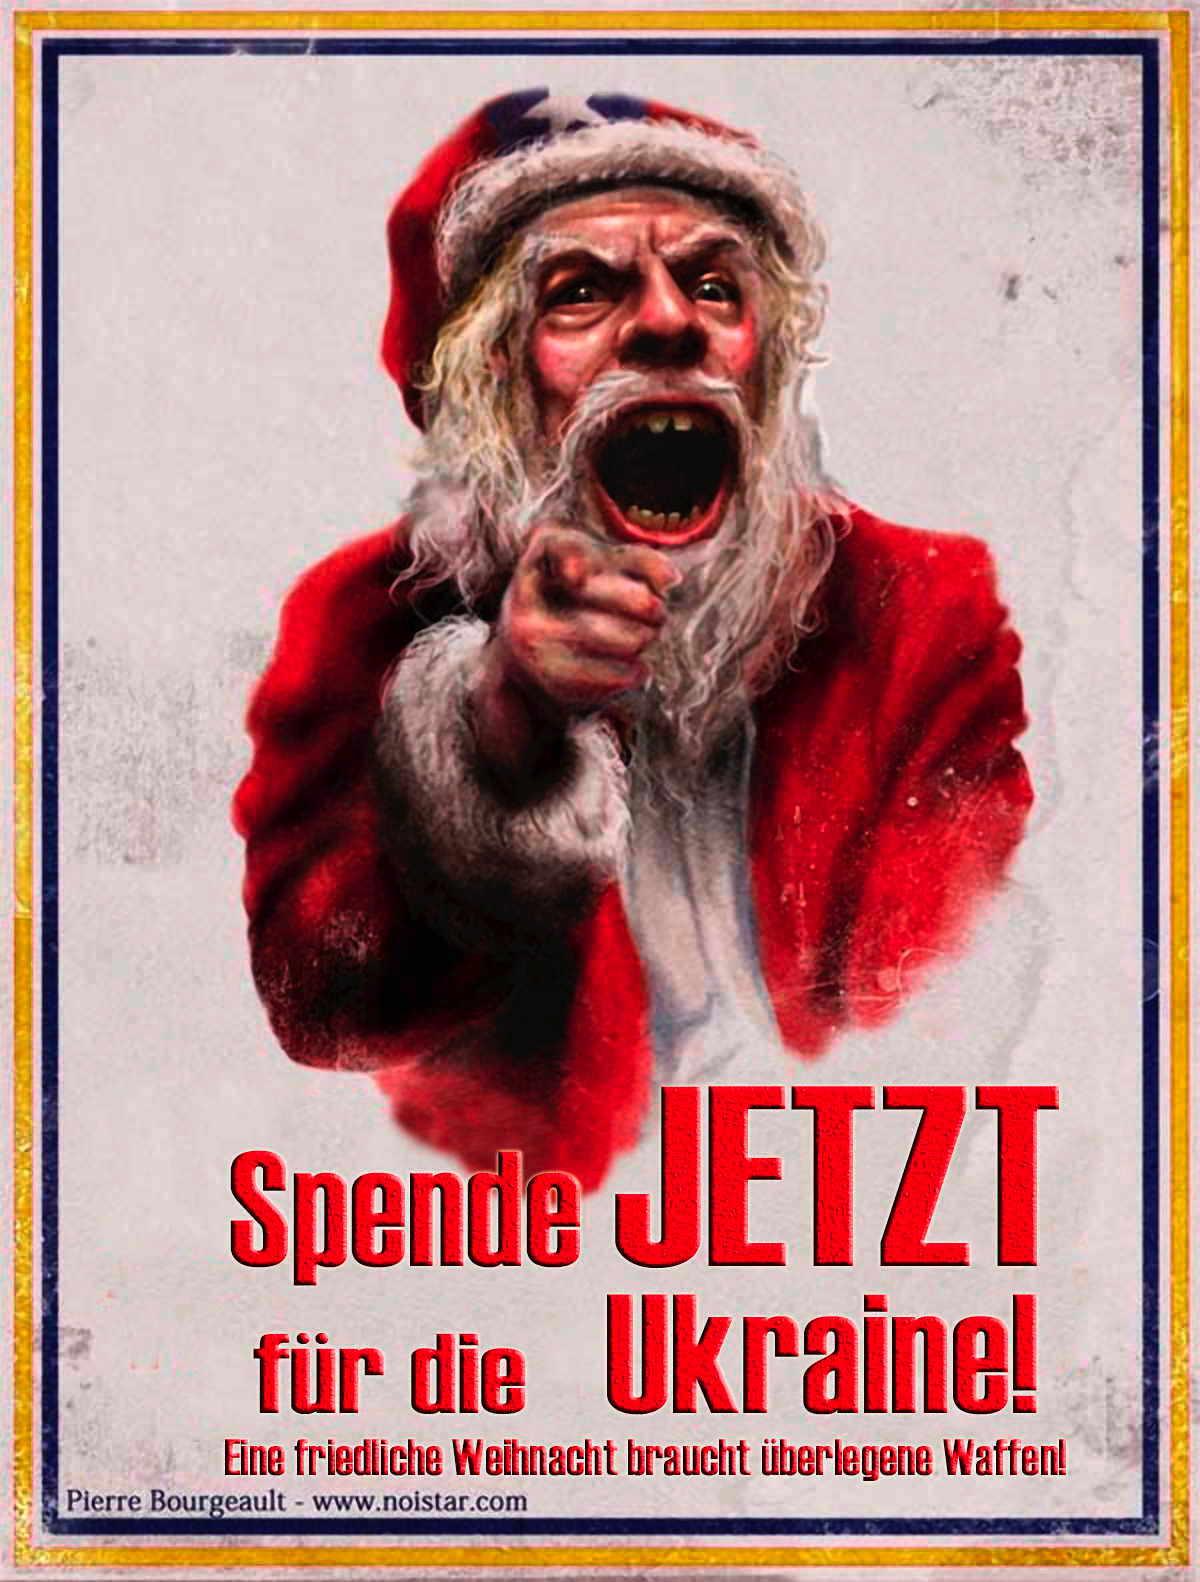 Spende jetzt fuer die ukraine weihnachten braucht ueberlegene waffen